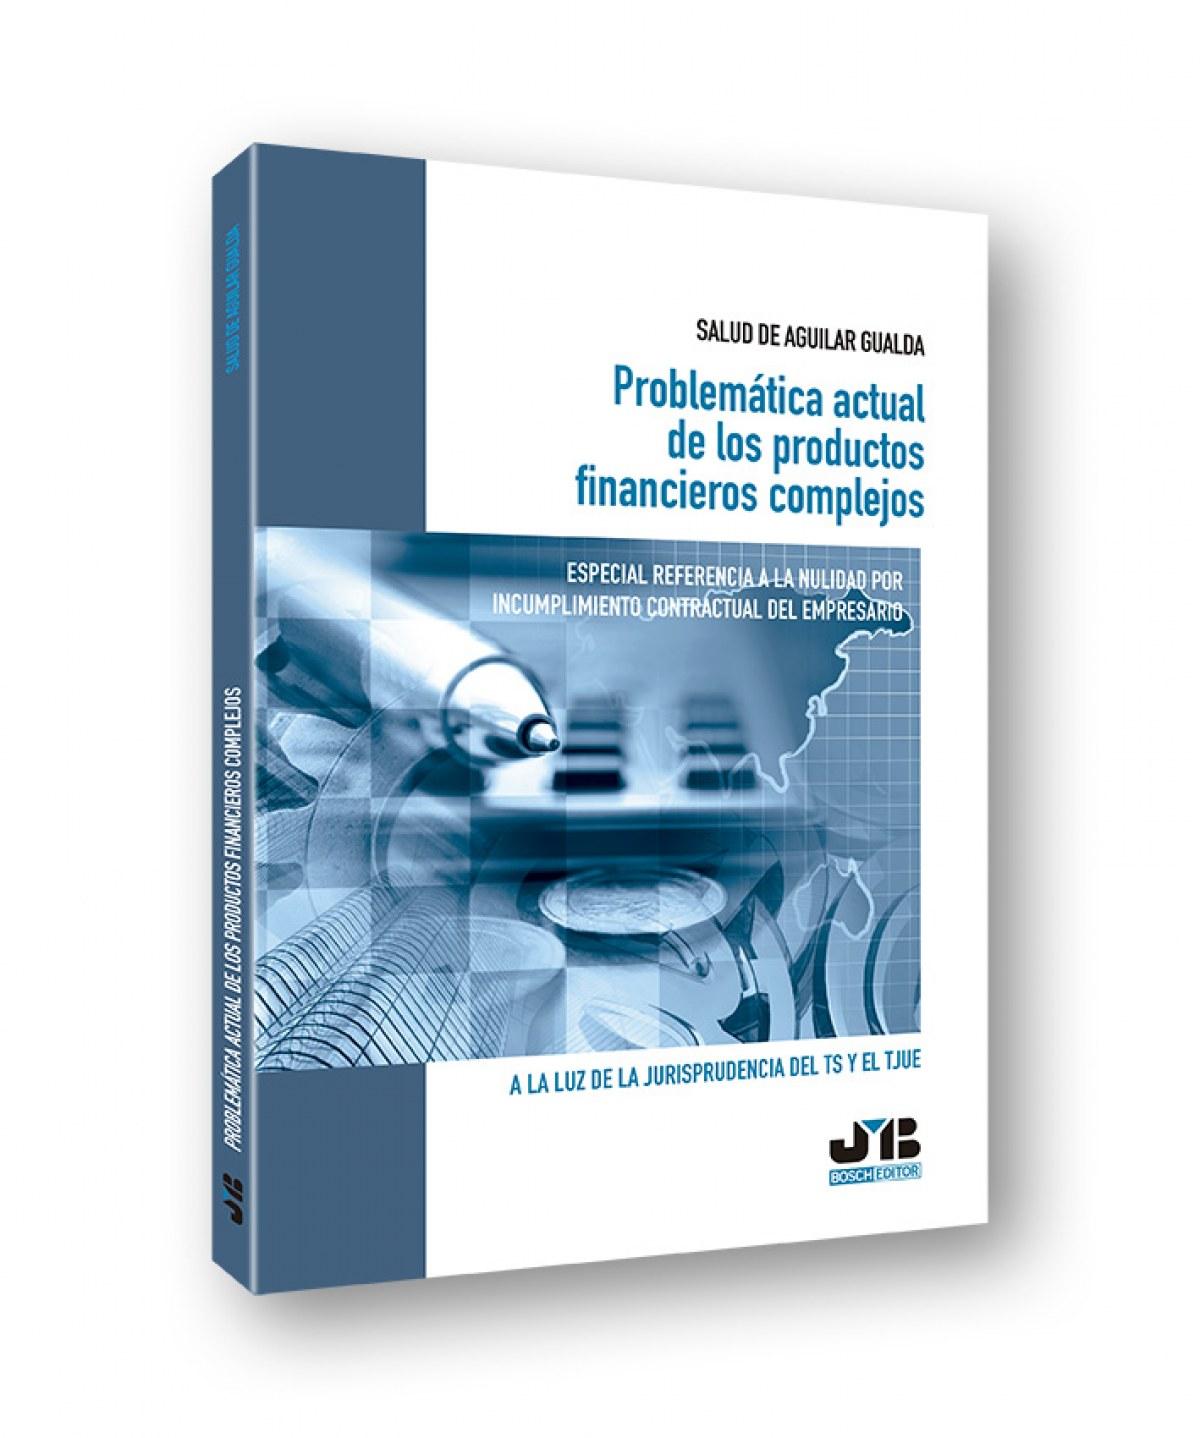 PROBLEMÁTICA ACTUAL DE LOS PRODUCTOS FINANCIEROS COMPLEJOS Especial referencia nulidad incumplimiento contractual empresari - Aguilar Gualda, Salud De